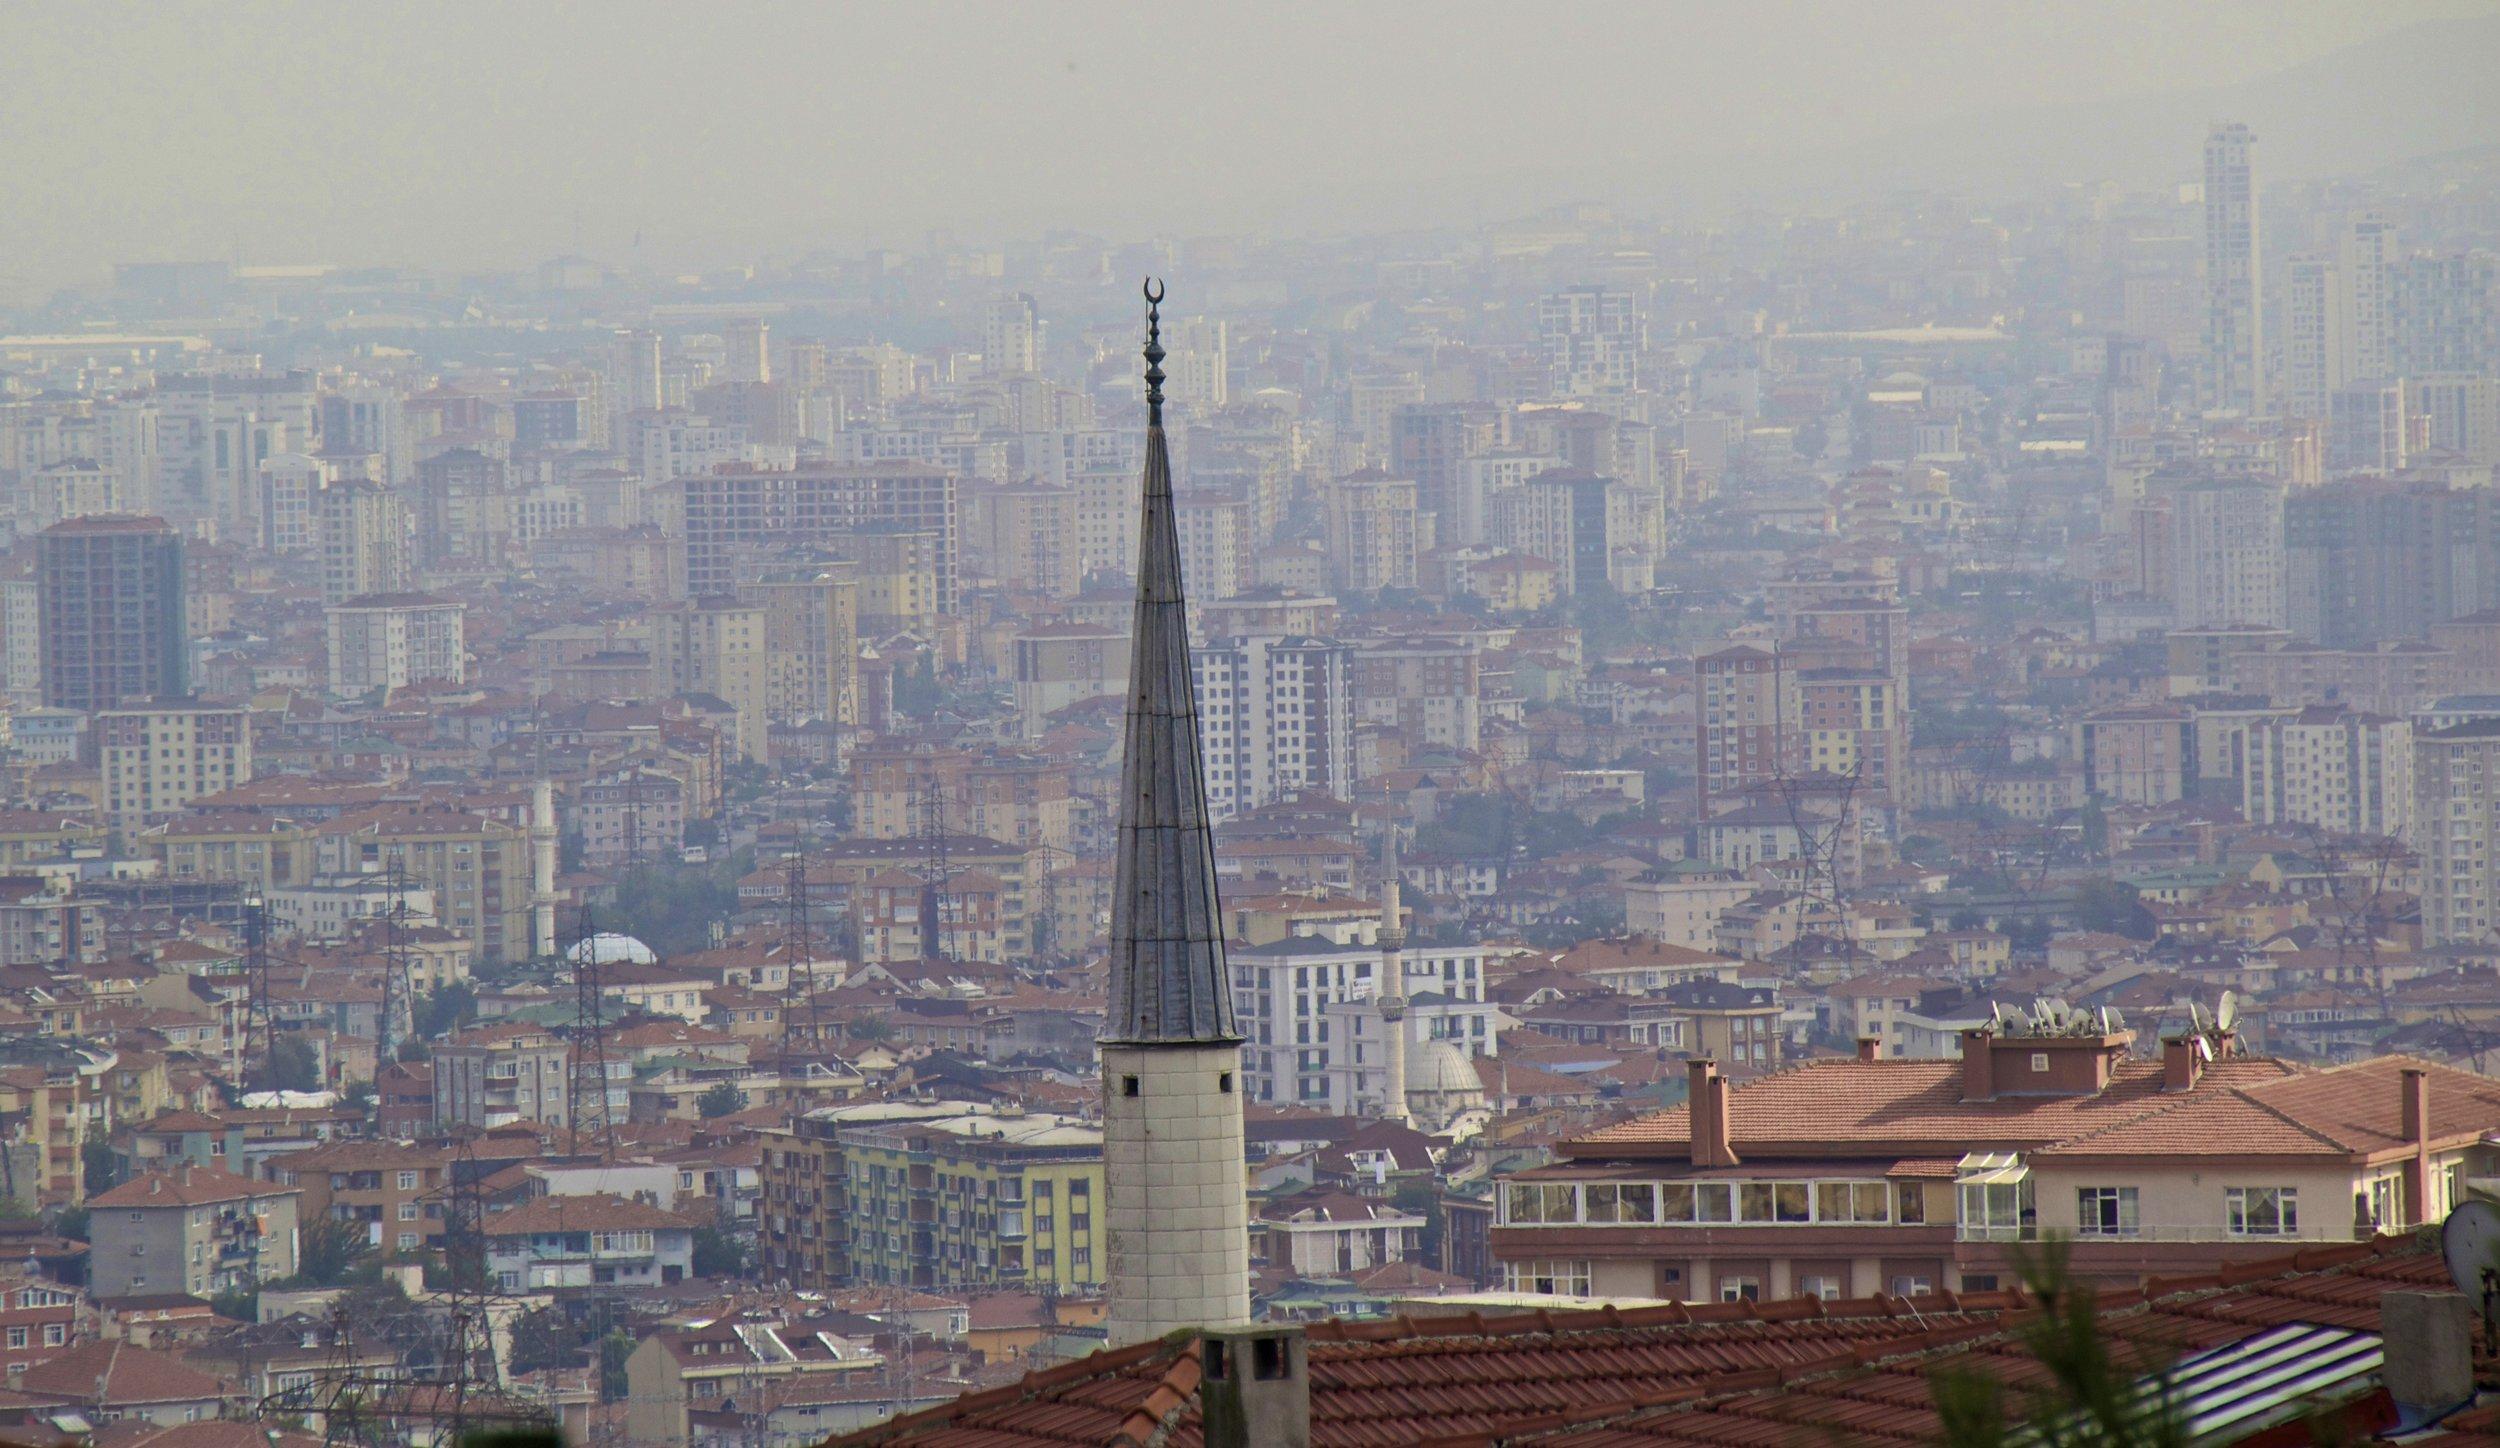 Çamlıca Hill Istanbul Turkey 8.jpg